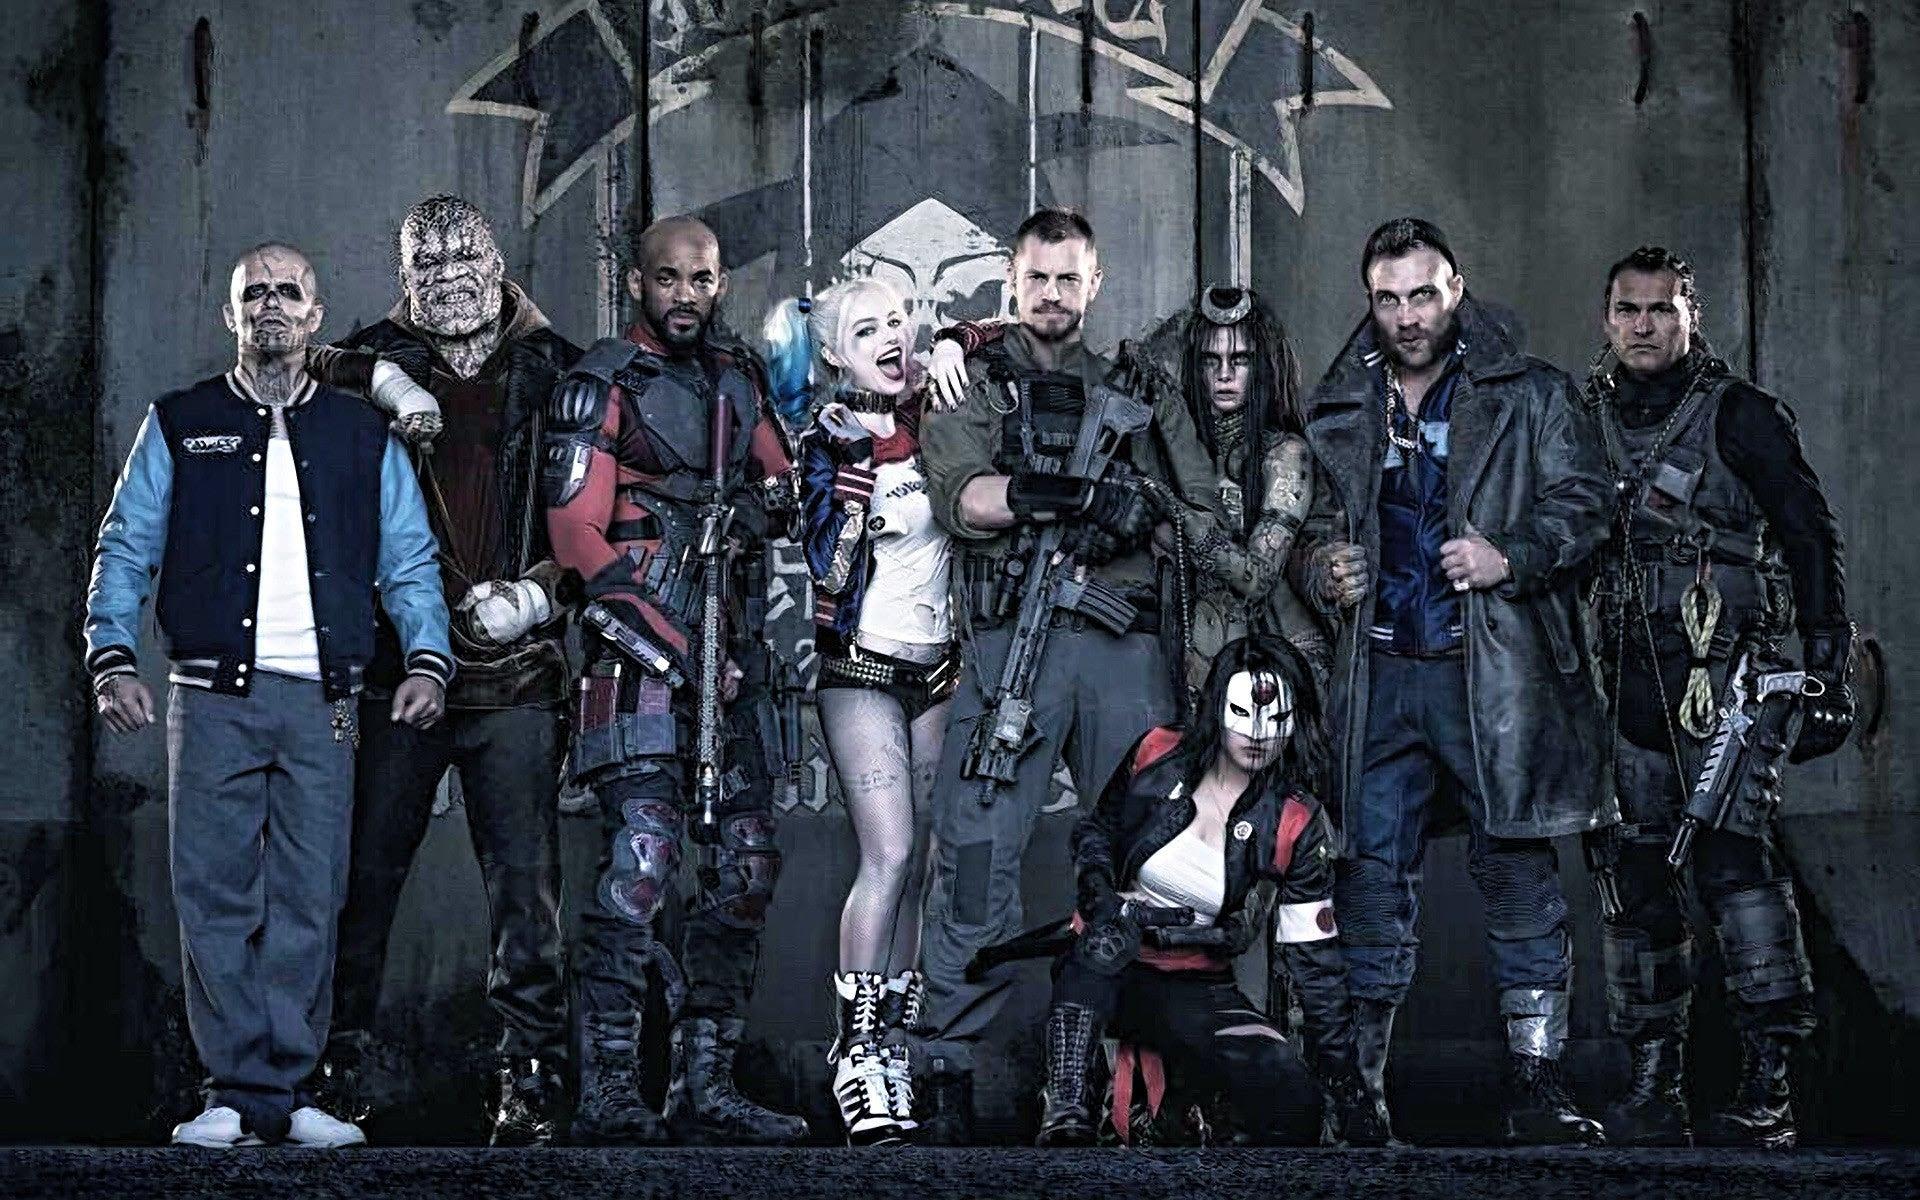 יחידת המתאבדים יתאים לגילאי 13+ וגם סוגיית ה-IMAX של הסרט נפתרה